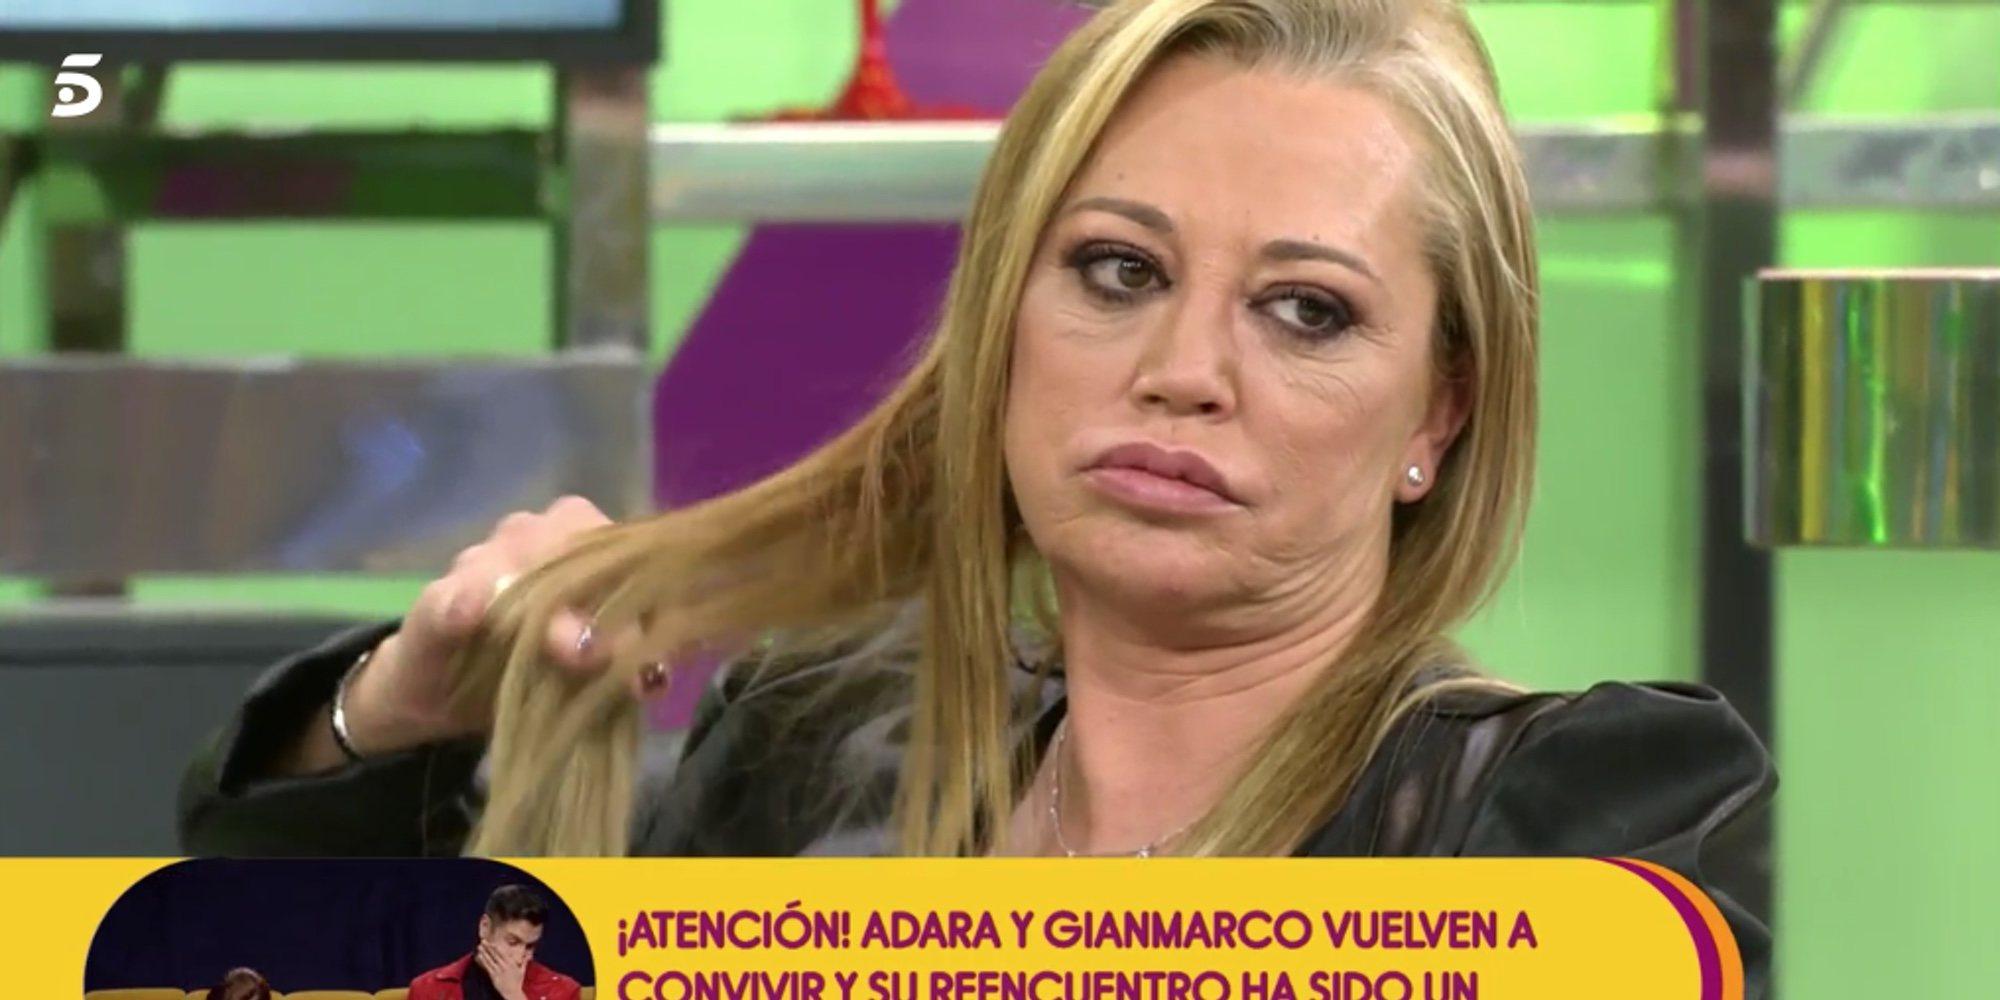 """Belén Esteban, harta de que siempre se hable de ella, estalla en 'Sálvame': """"Me siento utilizada"""""""